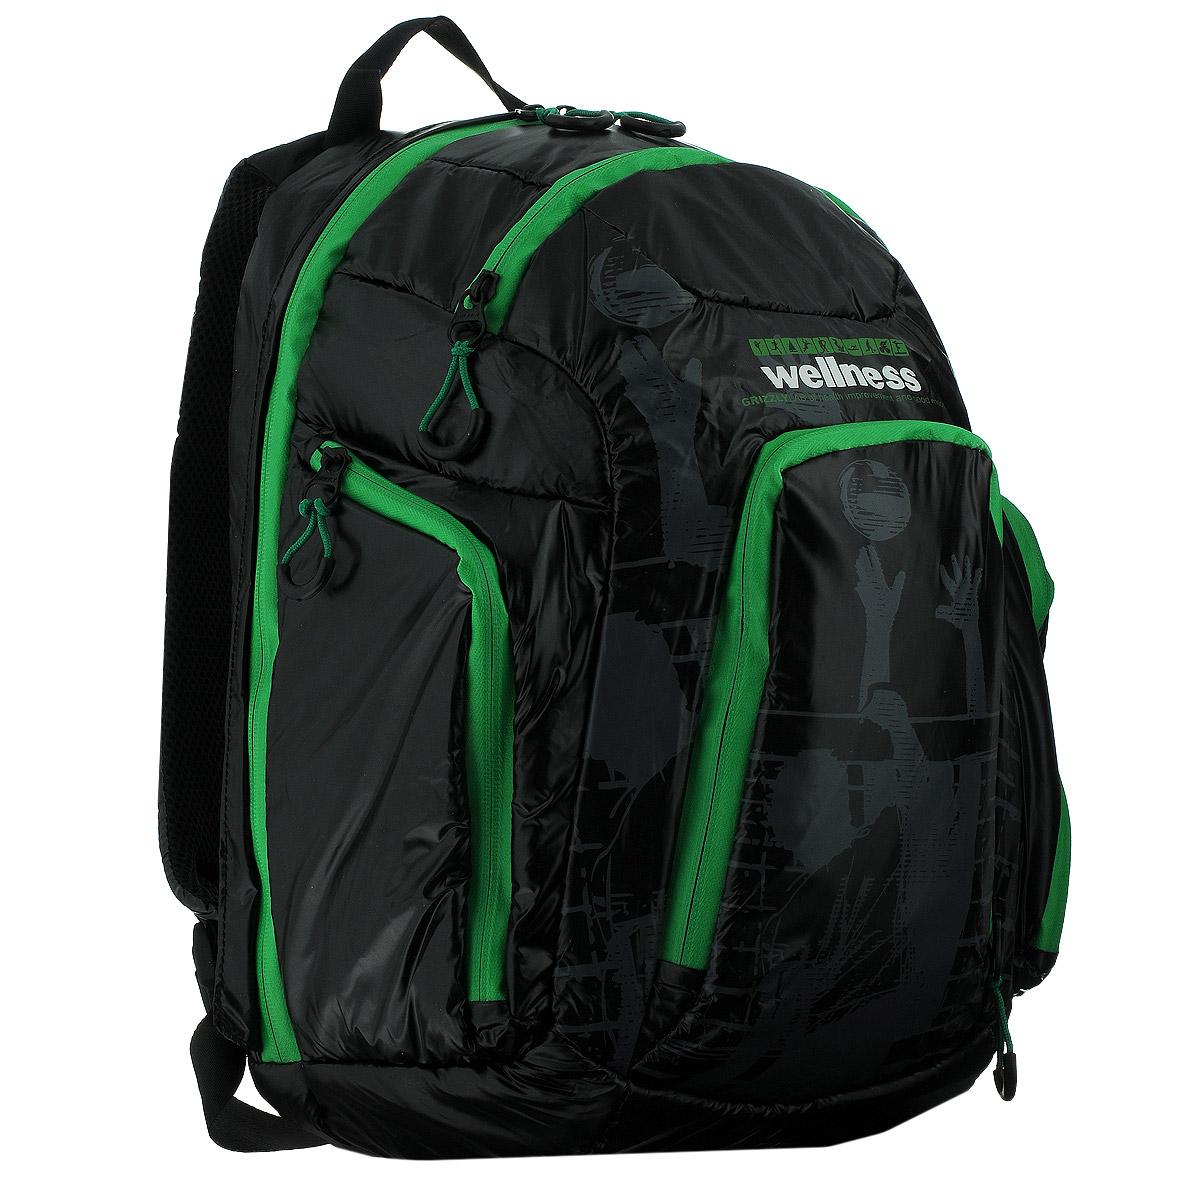 Рюкзак молодежный Grizzly, цвет: черный, зеленый. RU-417-1RU-417-1 Рюкзак /1 черный - зеленыйСтильный молодежный рюкзак Grizzly выполнен из нейлона черного цвета и оформлен оригинальным принтом. Рюкзак оснащен одним большим отделением, закрывающимся на застежку-молнию. На передней стенке расположено 2 кармана, закрывающихся на застежки-молнии. По бокам 2 объемных кармана с застежками-молниями. Внутри расположен карман. Рюкзак оснащен лямками, мягкой спинкой и текстильной ручкой для удобной переноски.